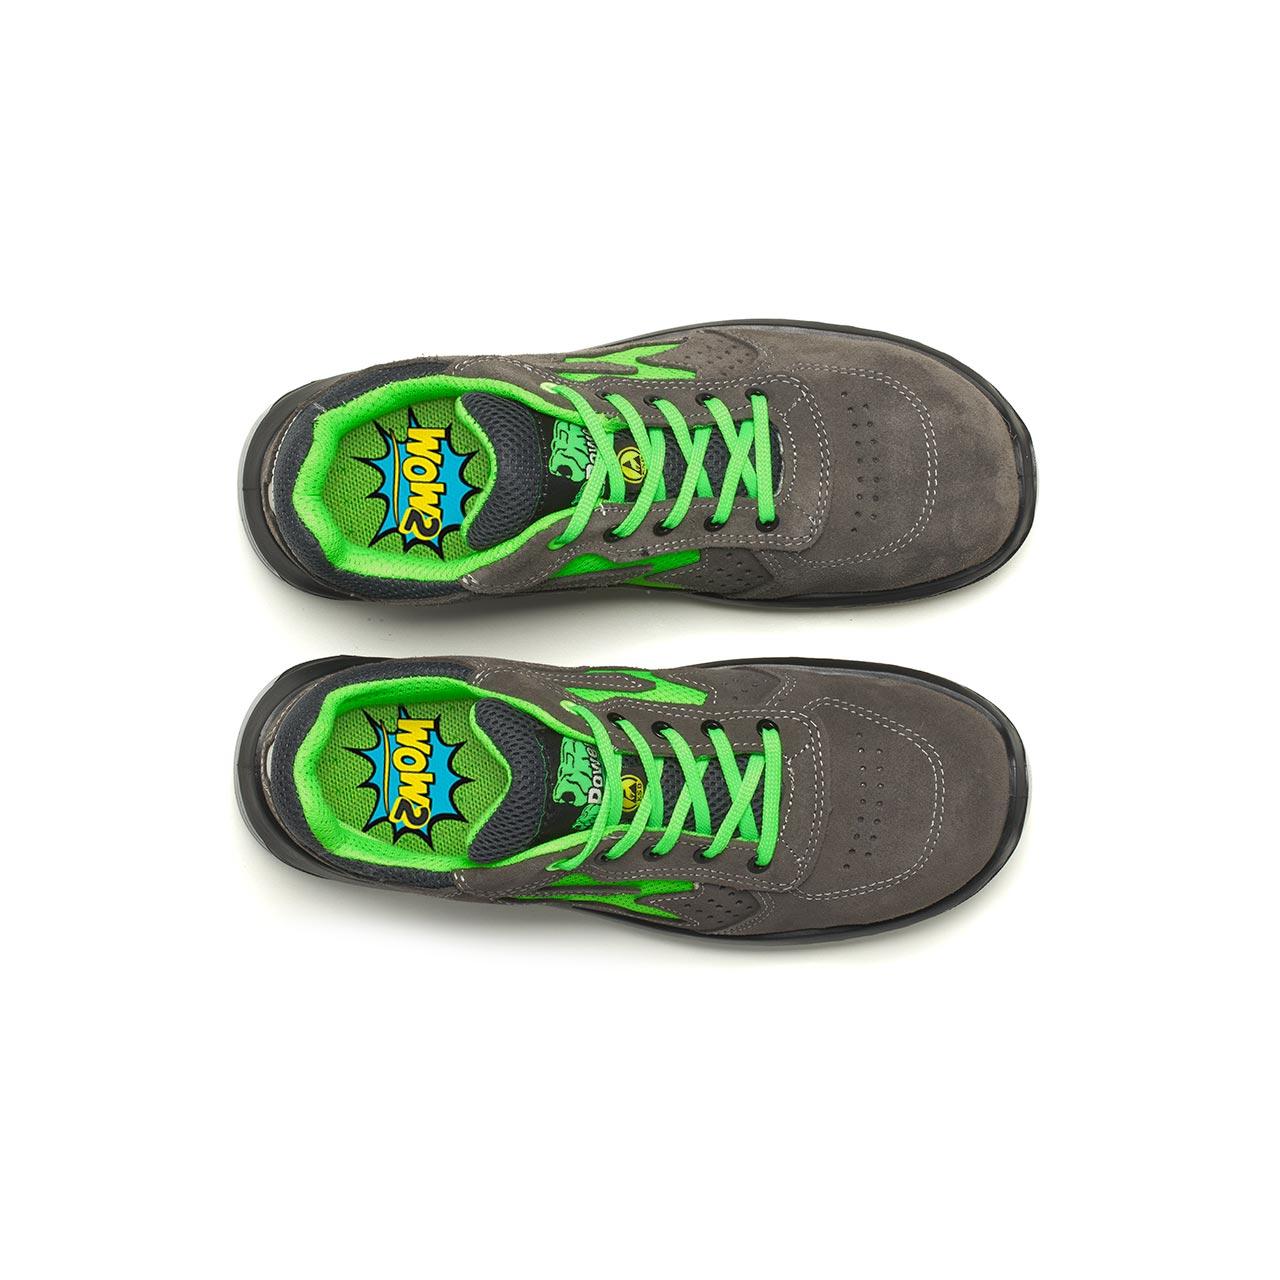 paio di scarpe antinfortunistiche upower modello denver linea redindustry vista top